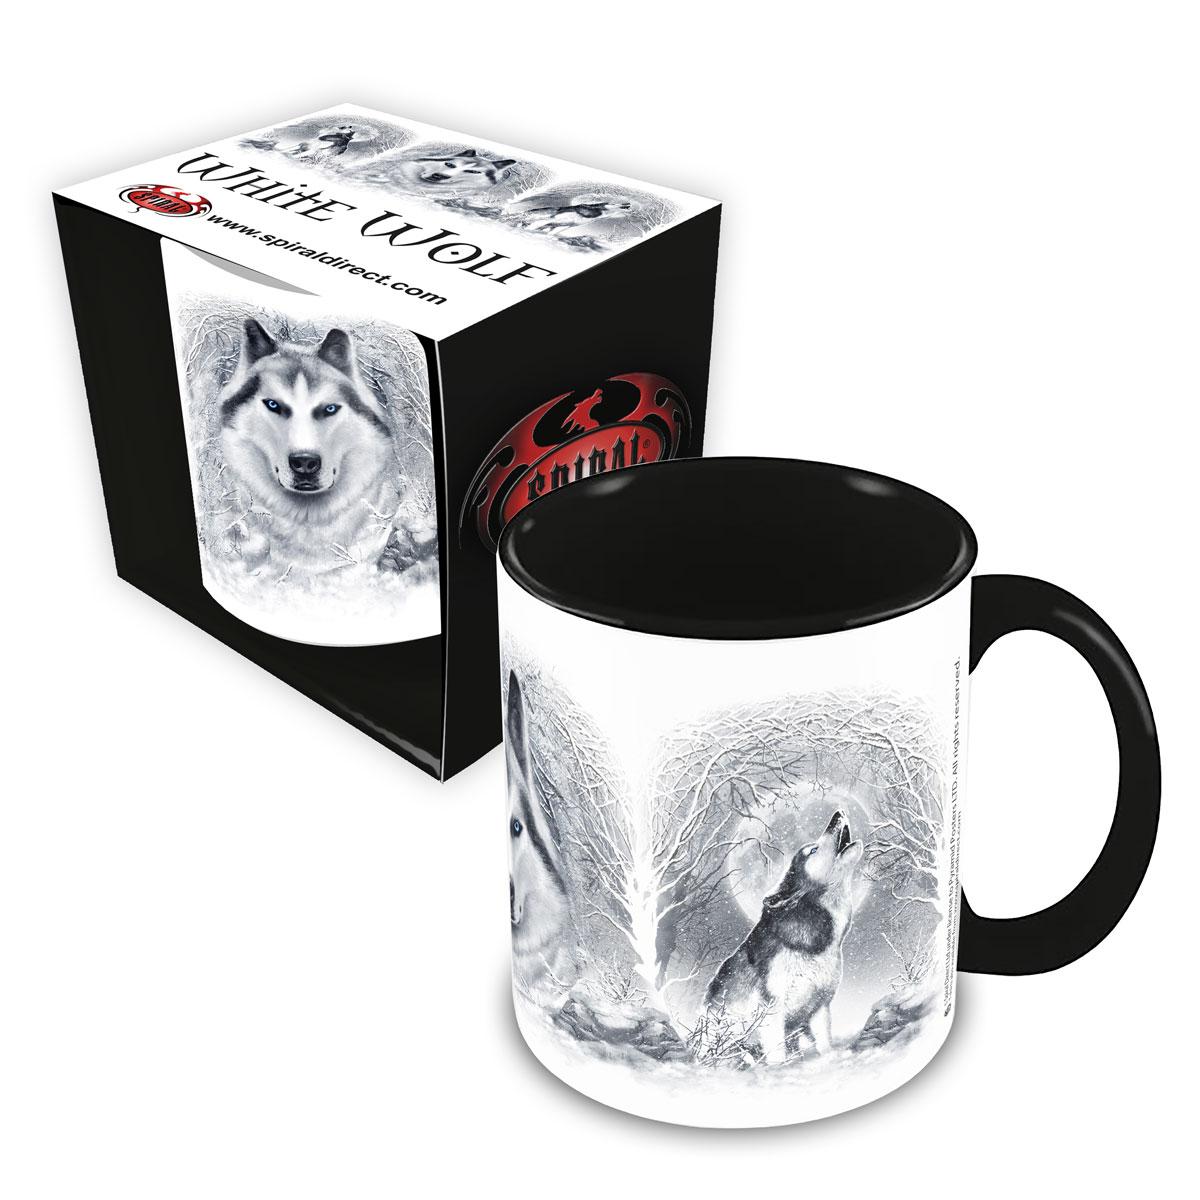 White Wolf Ceramic Mug 0.3L